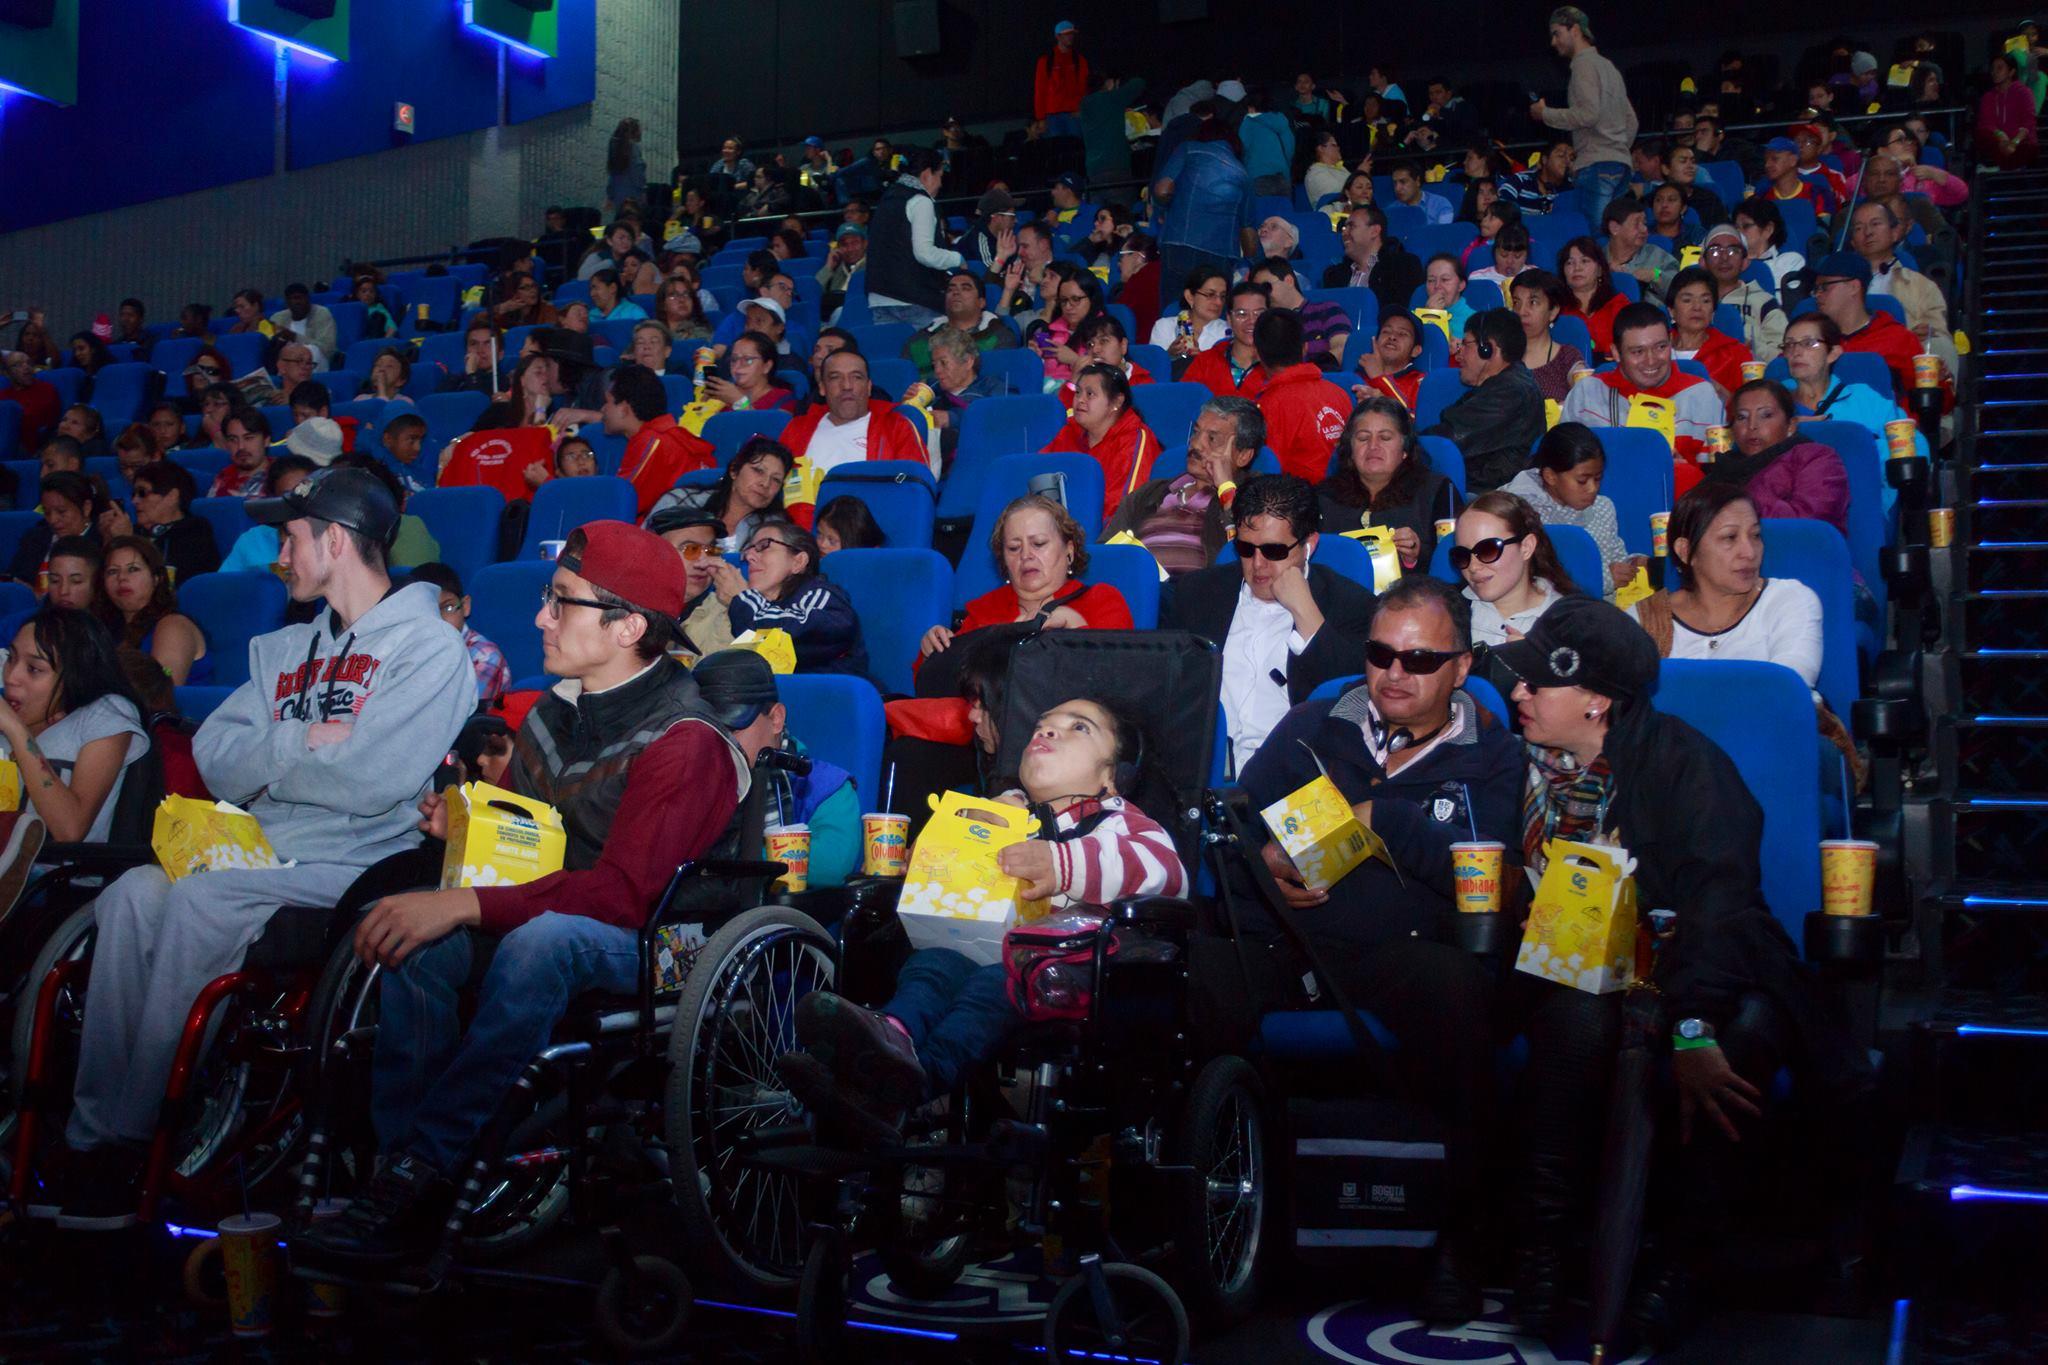 Jornada de cine incluyente en Cali